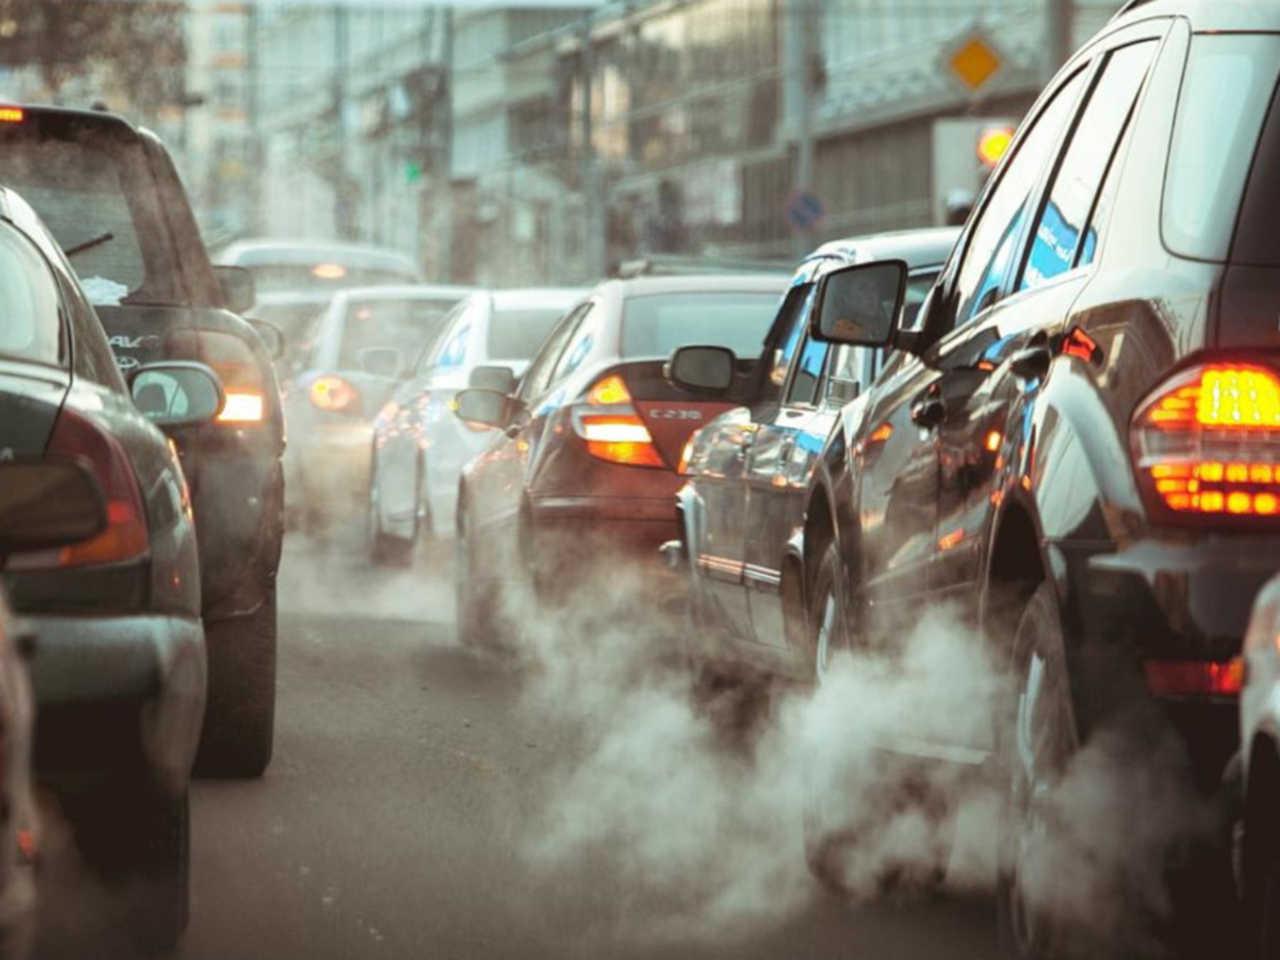 Napoli, chiusura al traffico: basta provvedimenti spot, le associazioni ambientaliste chiedono misure serie ed efficaci contro l'inquinamento